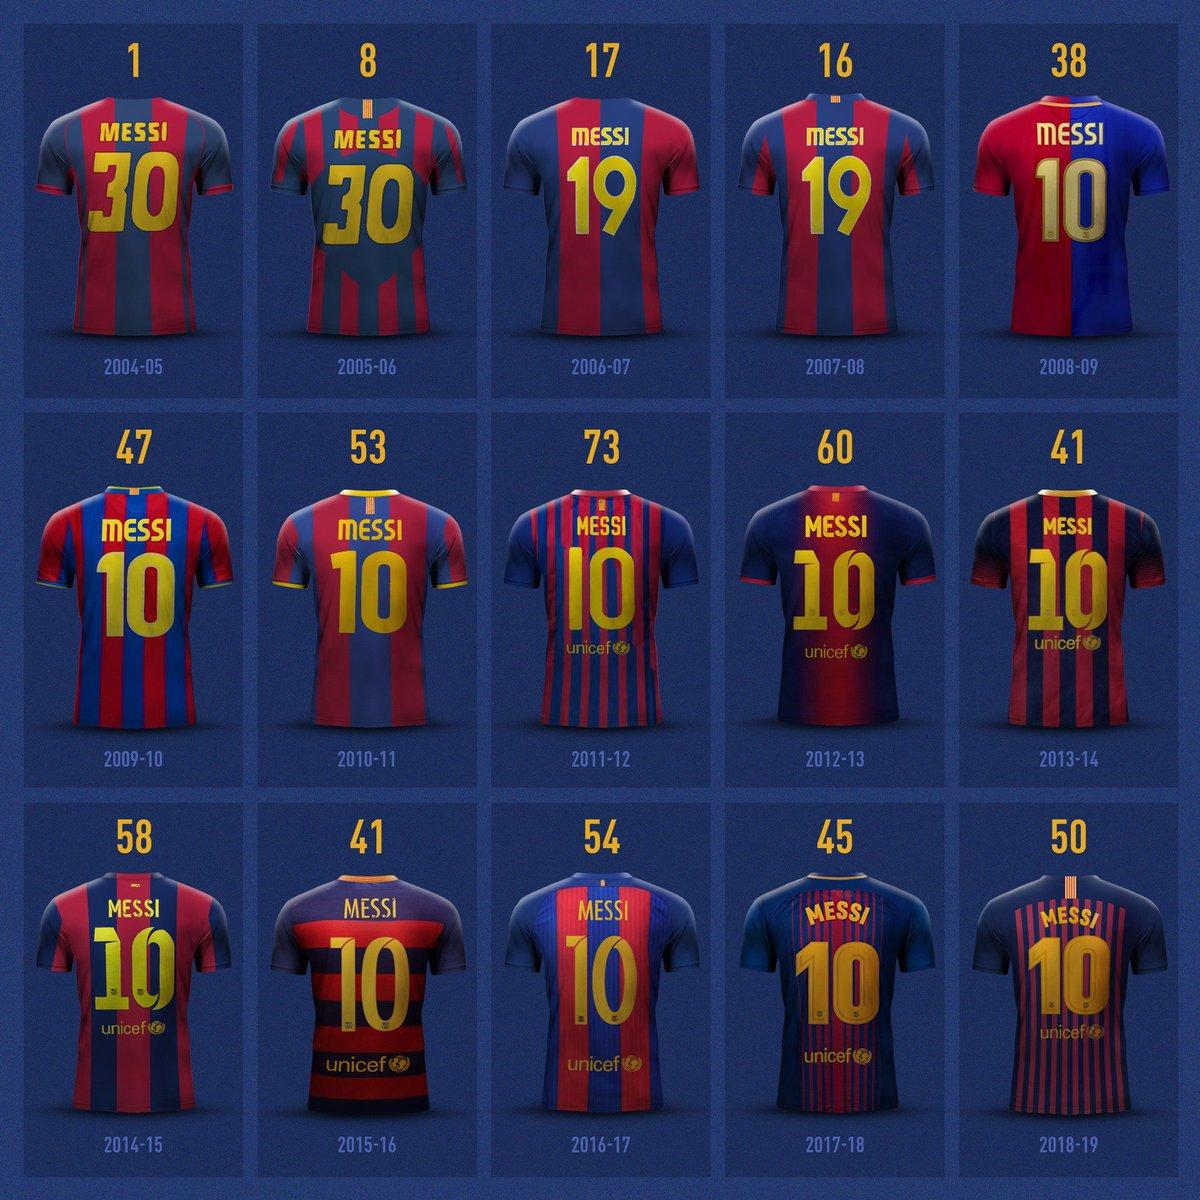 Emilio Sansolini's photo on #Messi